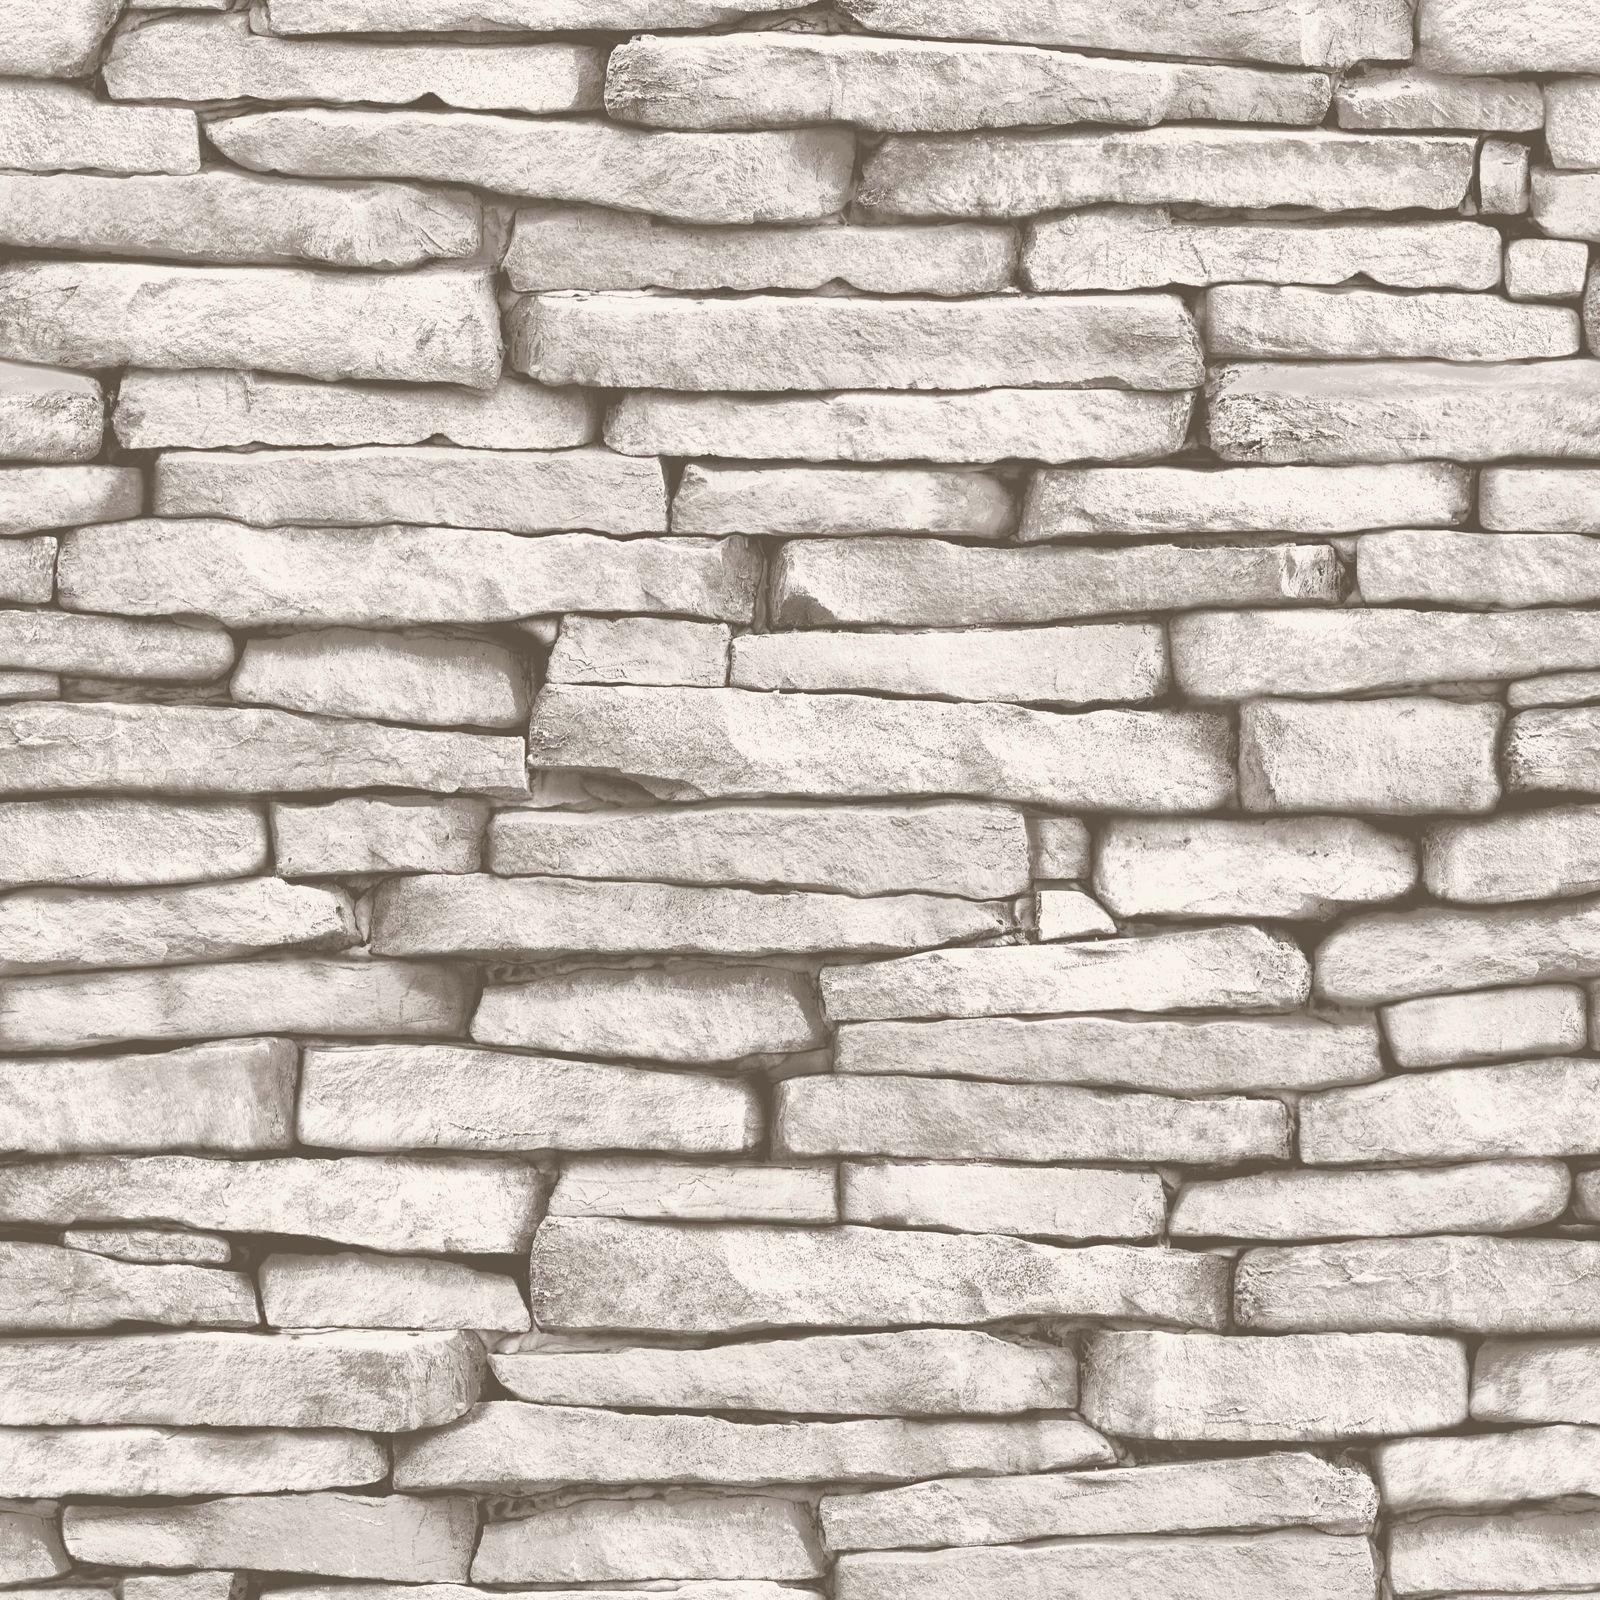 Schwarze Backstein Tapete : Details zu Luxus Tapete 10m – Stein Ziegelstein Holz Schiefer Optik